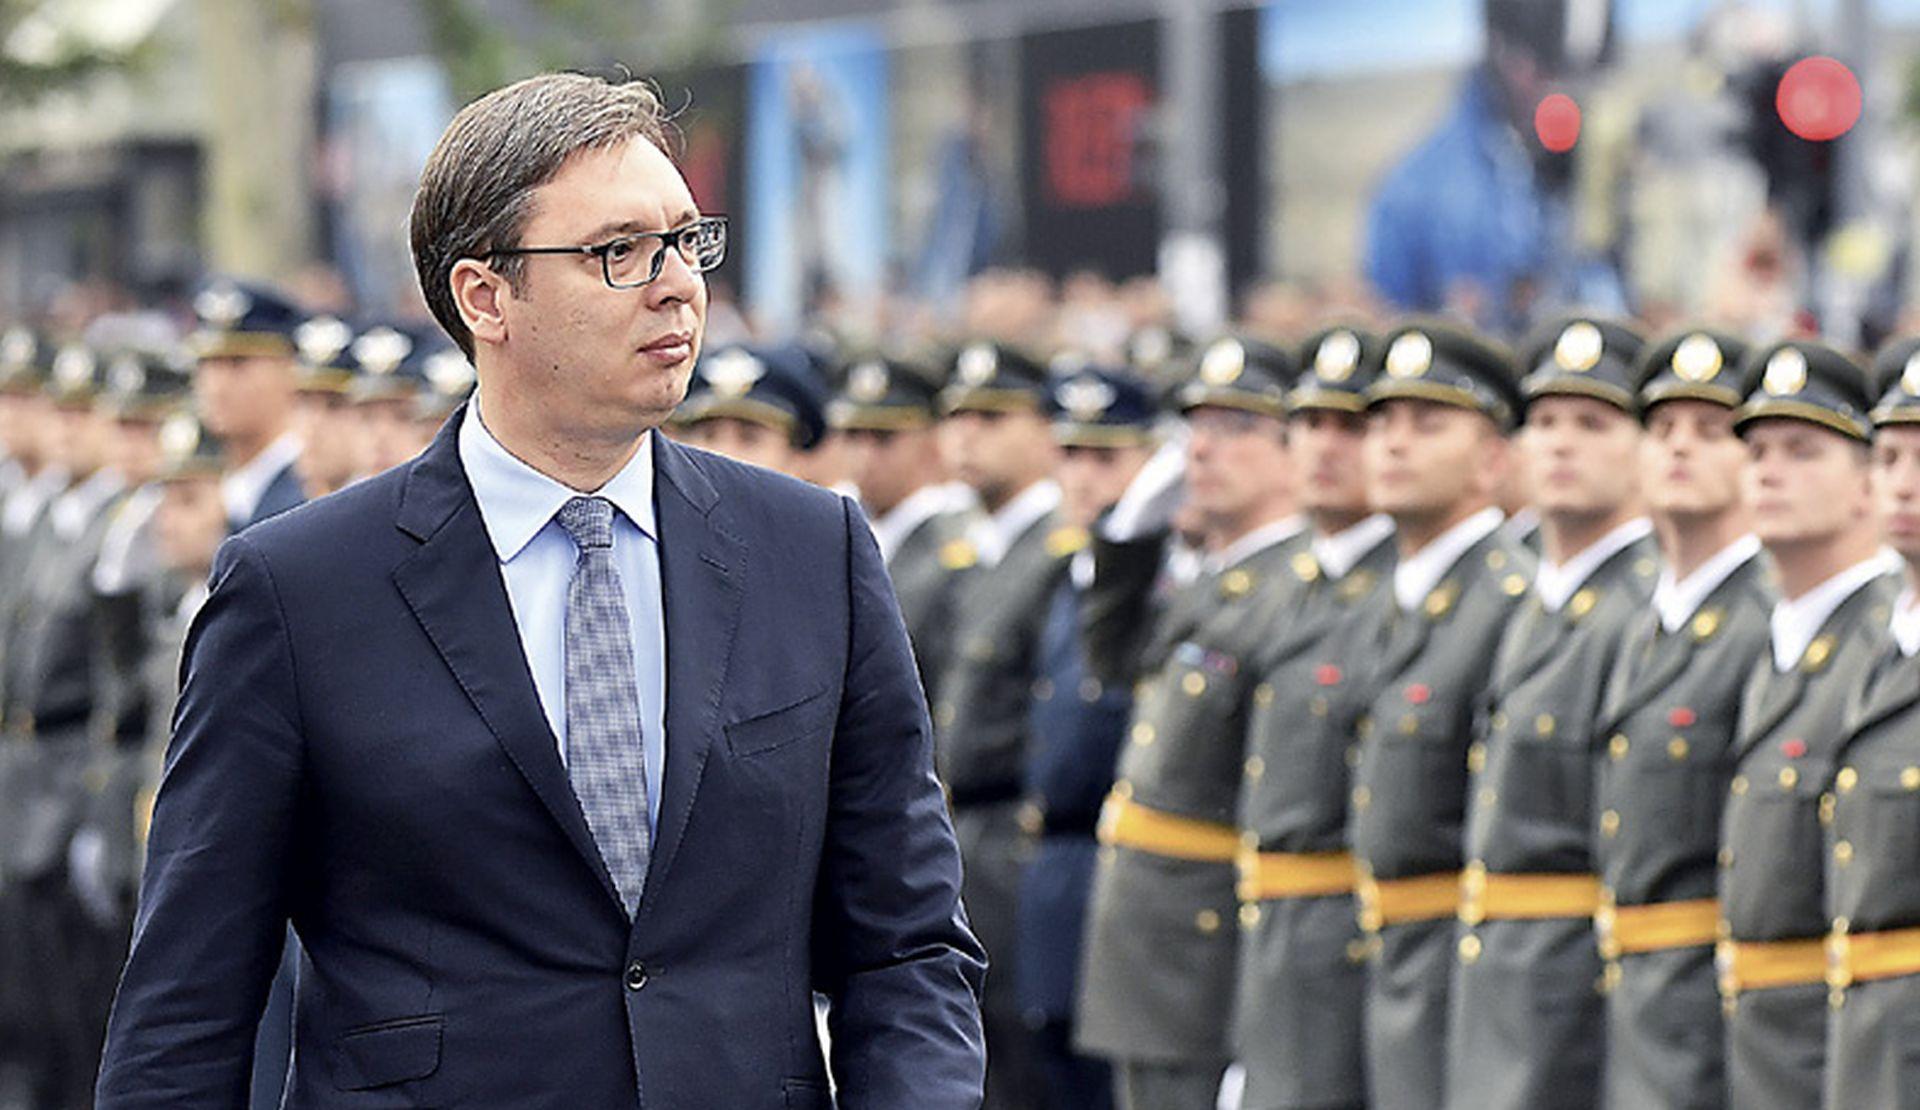 Vučić protiv Zakona o braniteljima, ali organizira posjet logoraša Stajićevu